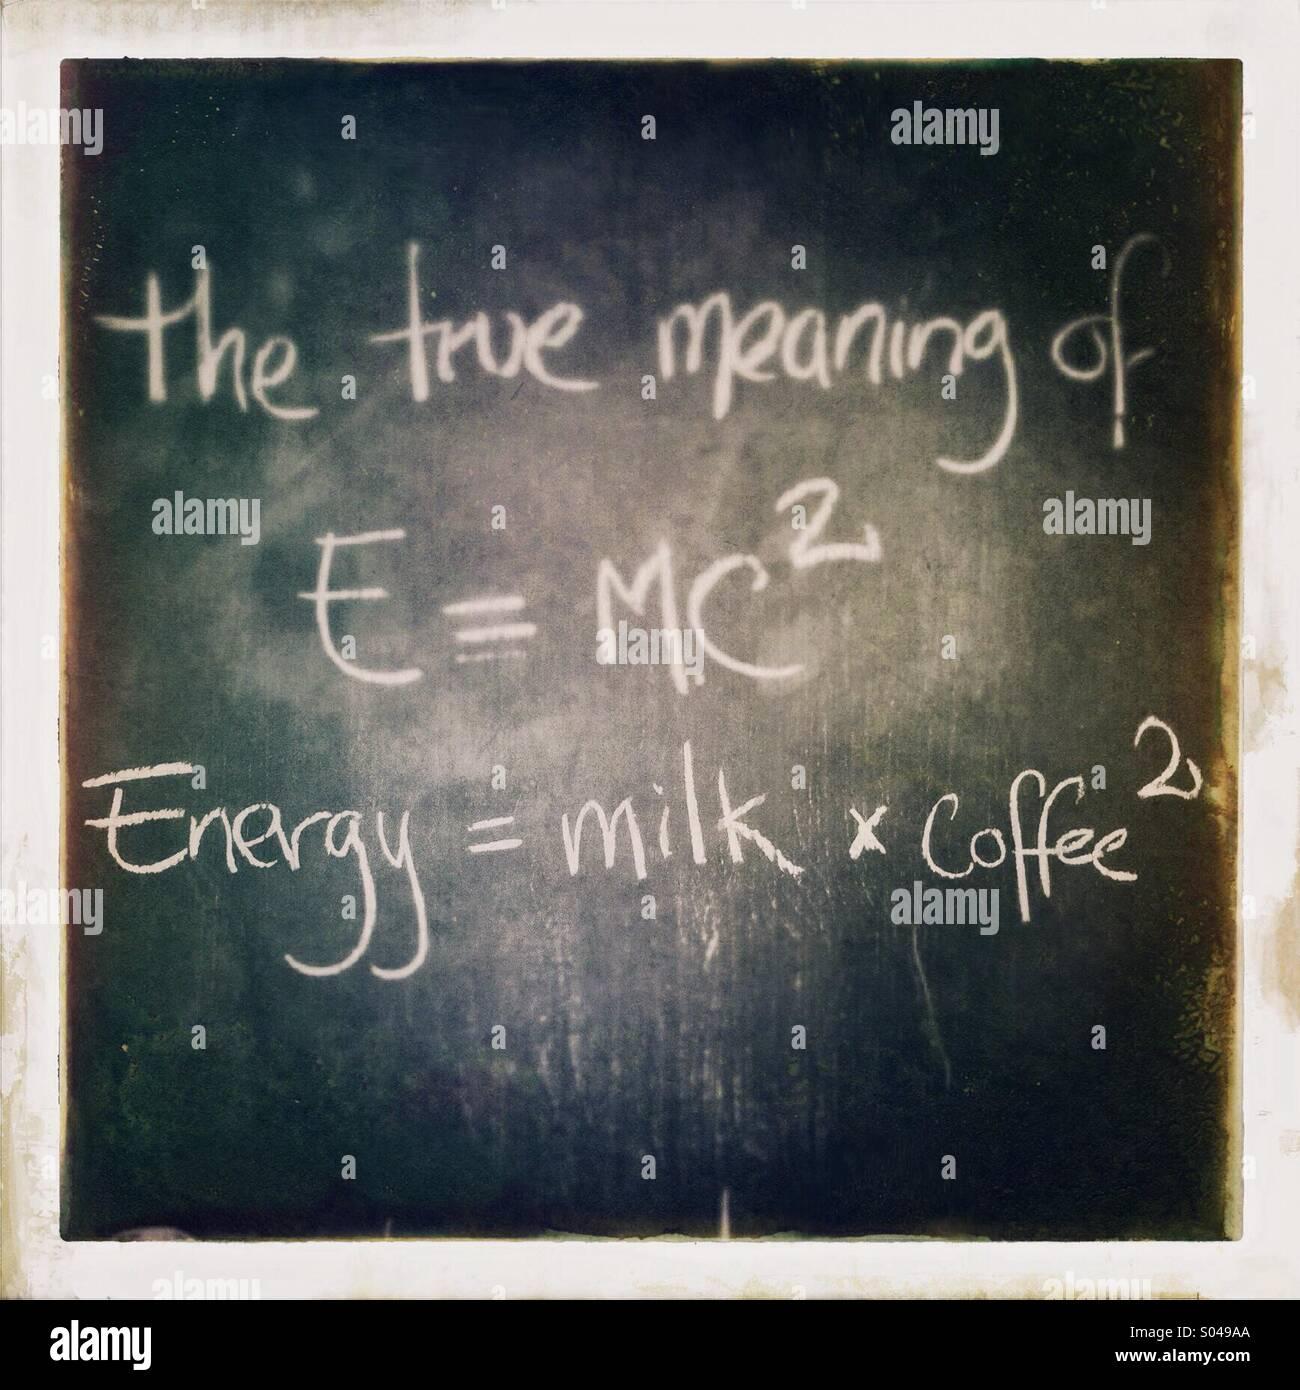 Coffee related wisdom written on a chalkboard outside a coffee shop. - Stock Image